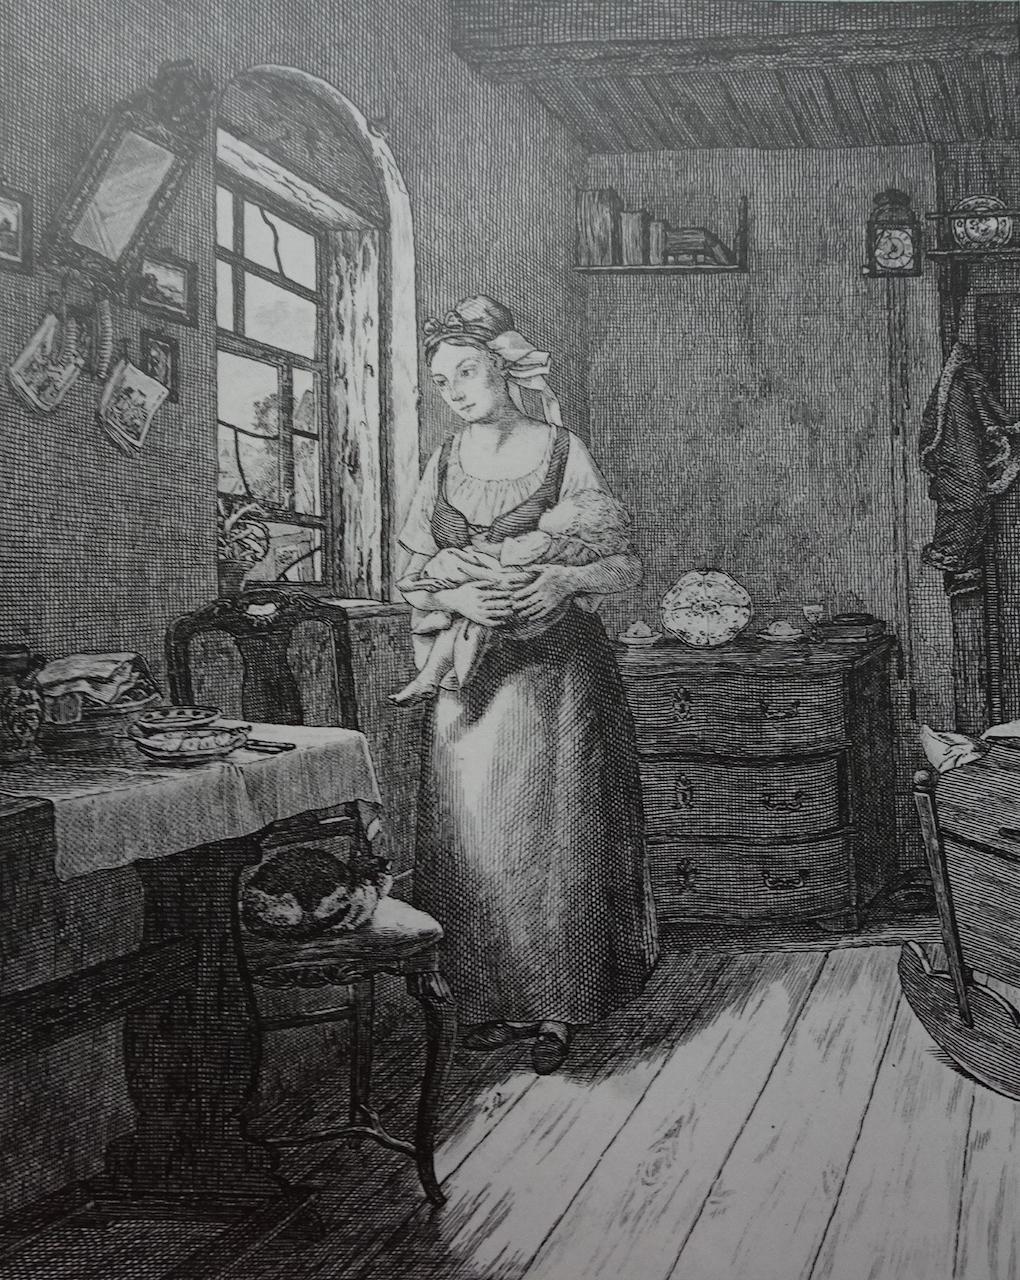 Pötschke według Ludwiga Mosta, Oczekująca (Kobieta wyczekująca męża), 1832, miedzioryt, akwaforta na papierze, rycina reprodukcyjna, Muzeum Narodowe w Szczecinie